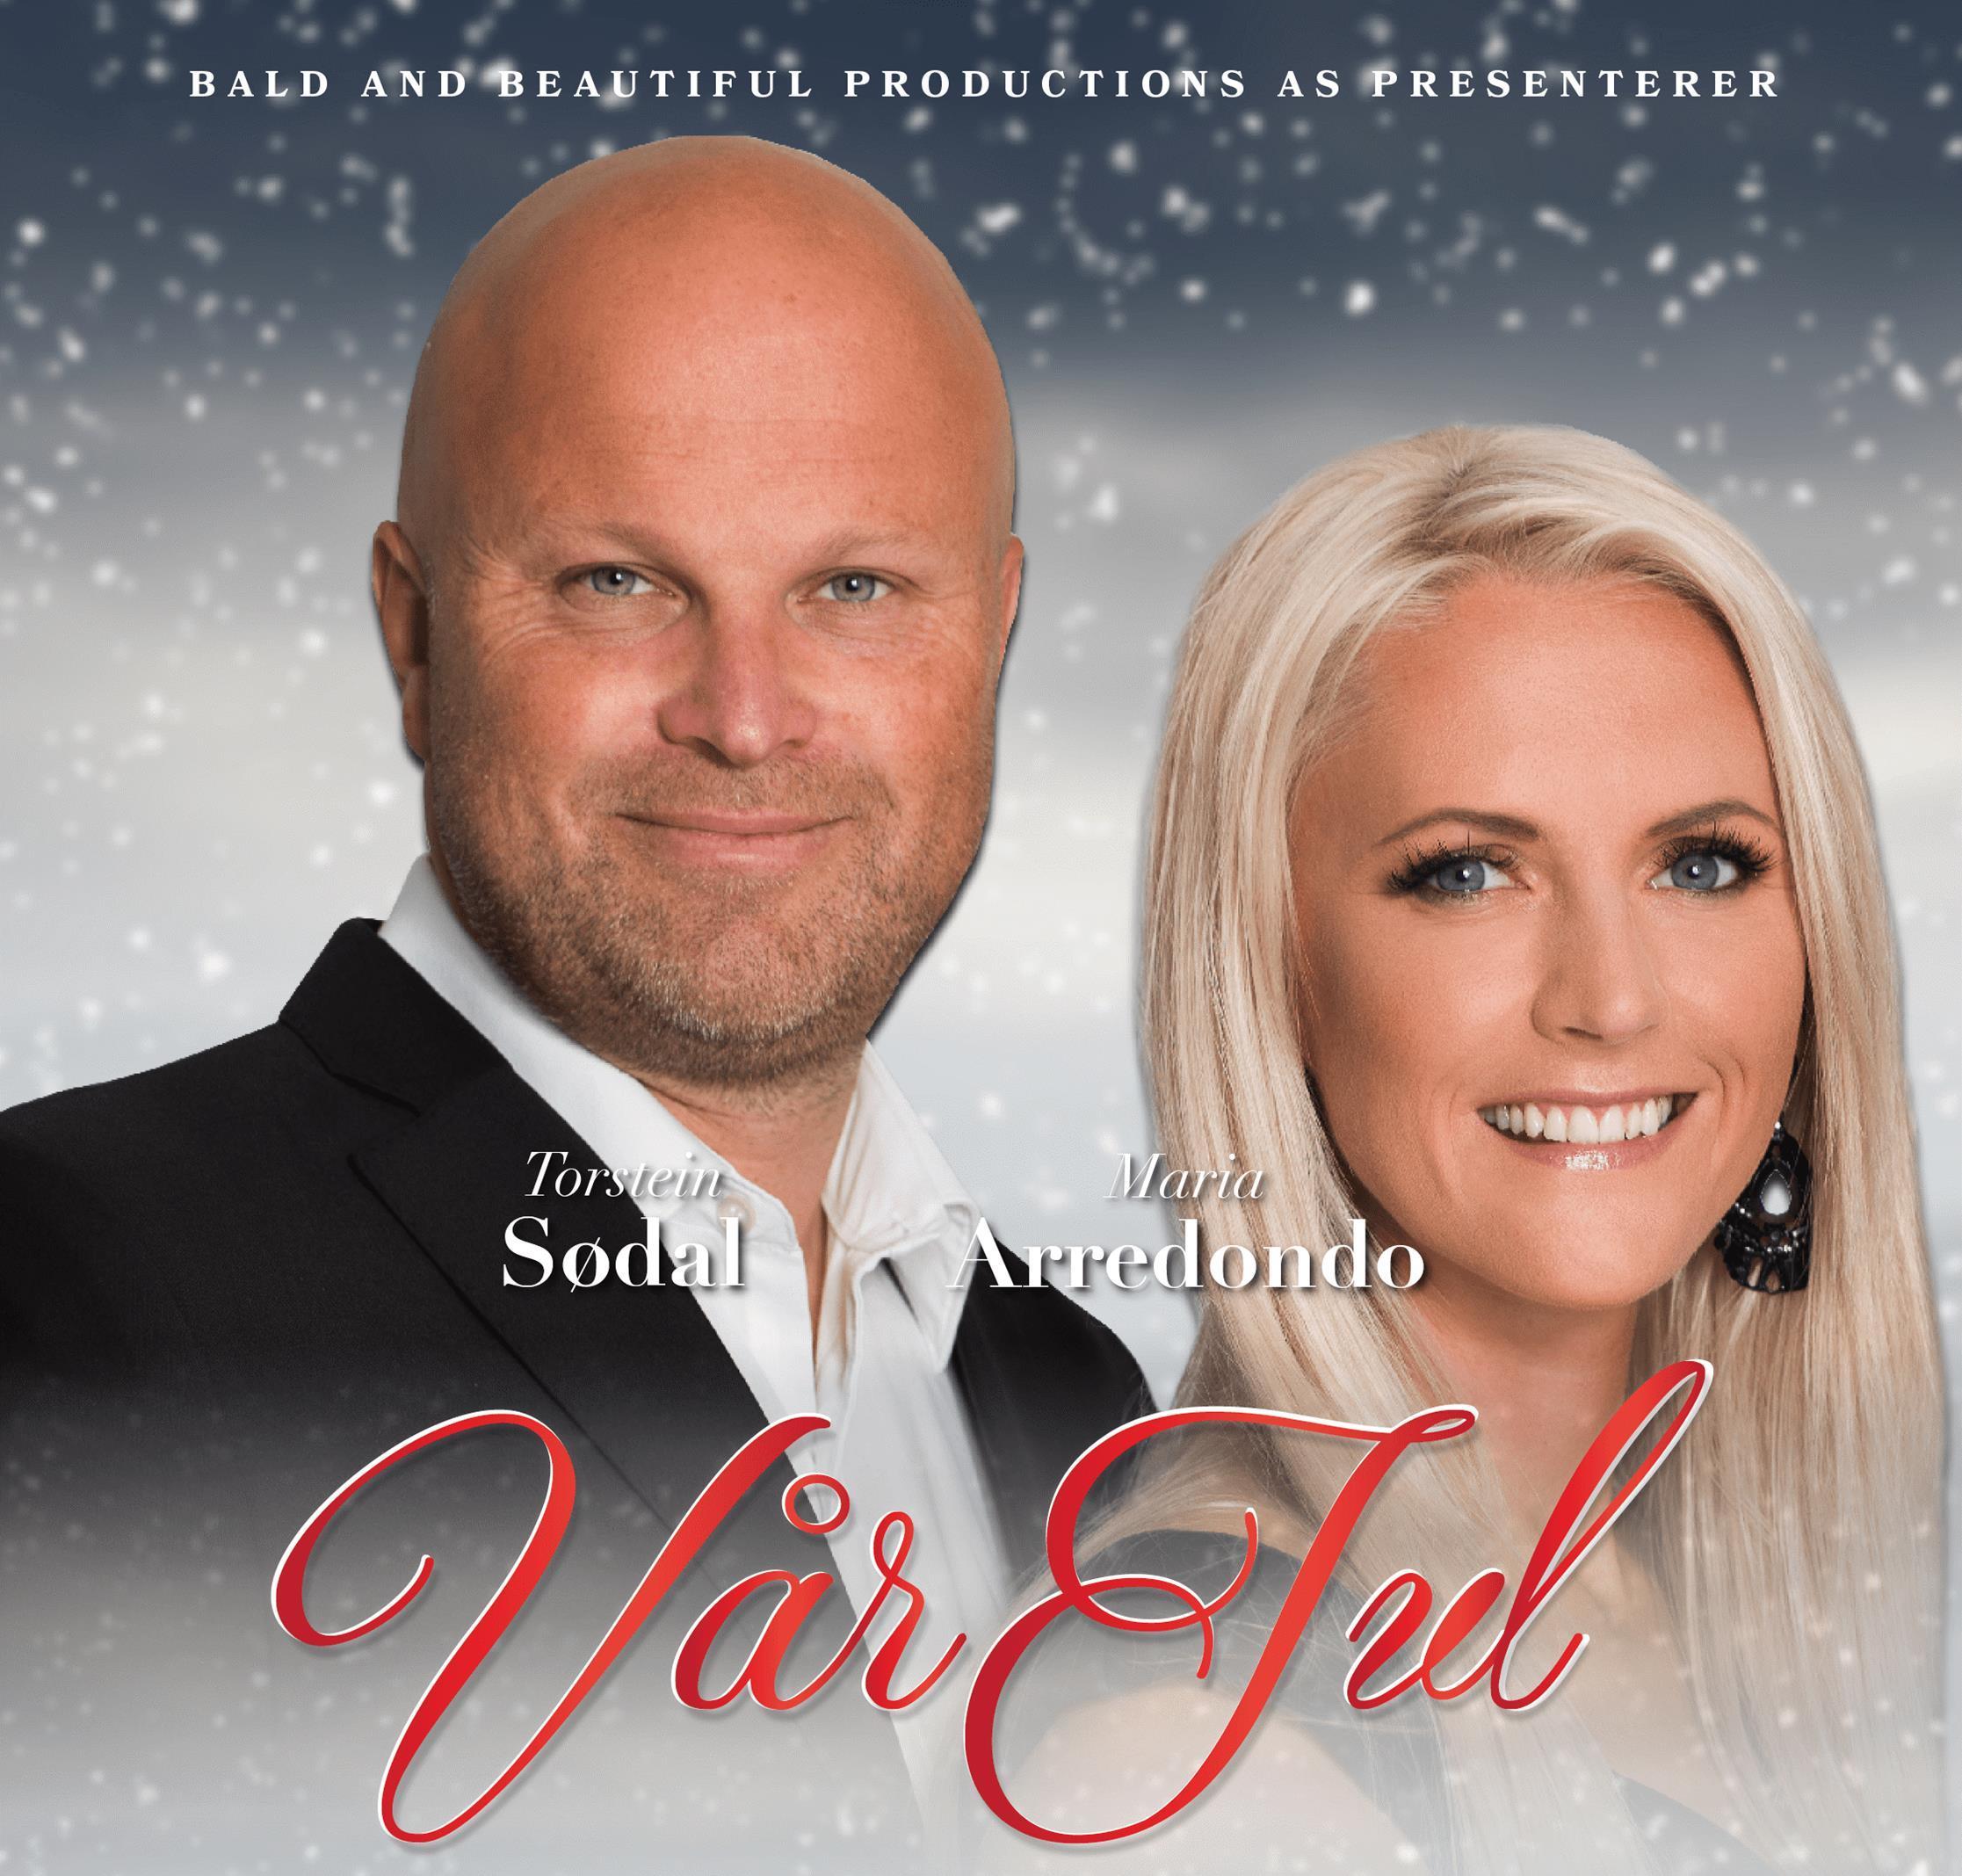 Bilde Julekonsert Arredondo Sødal.jpg